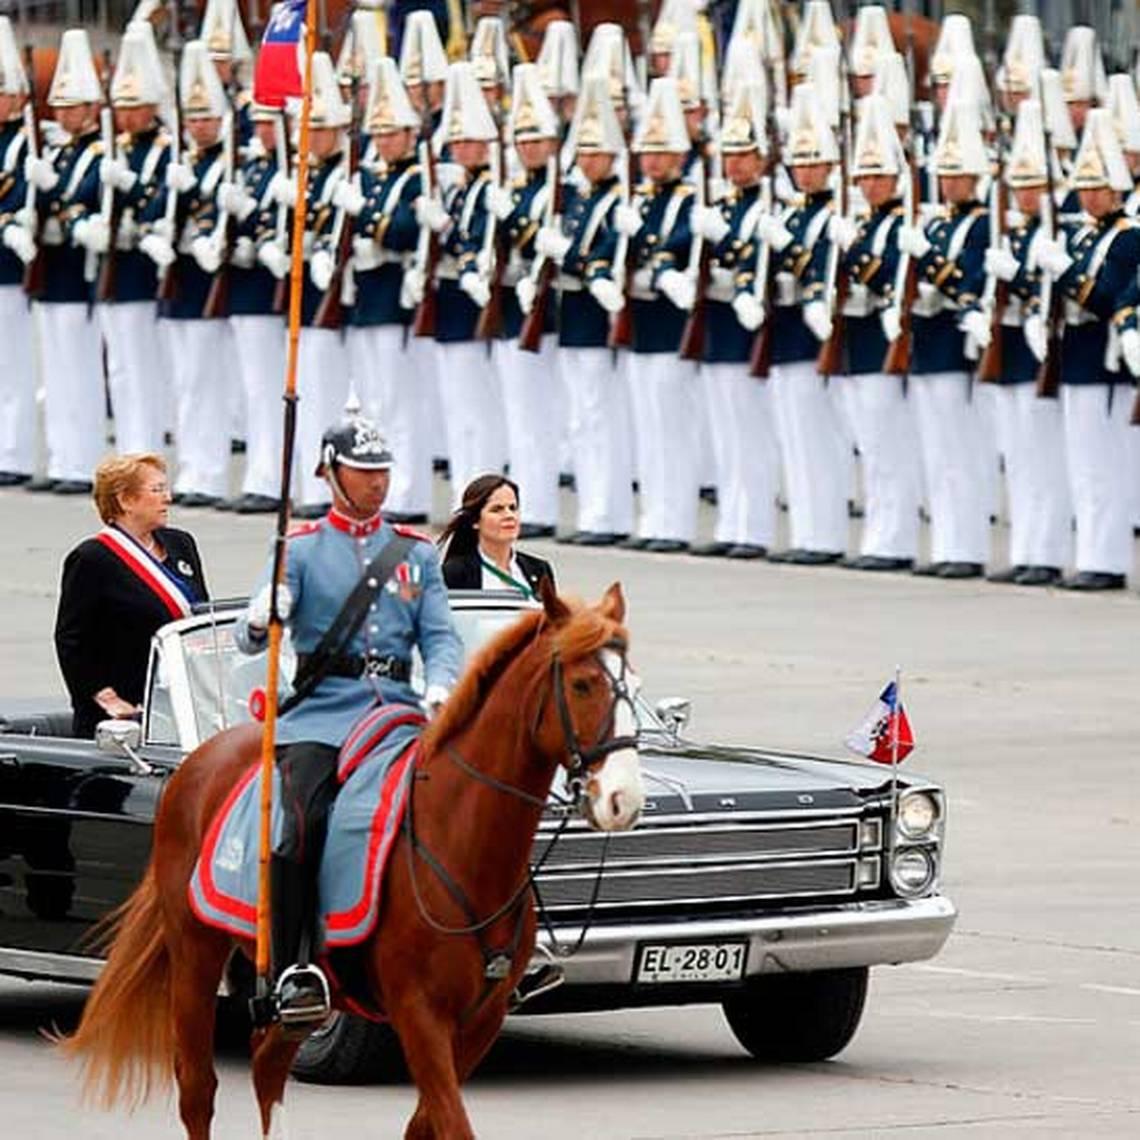 Gran Parada Militar 2017